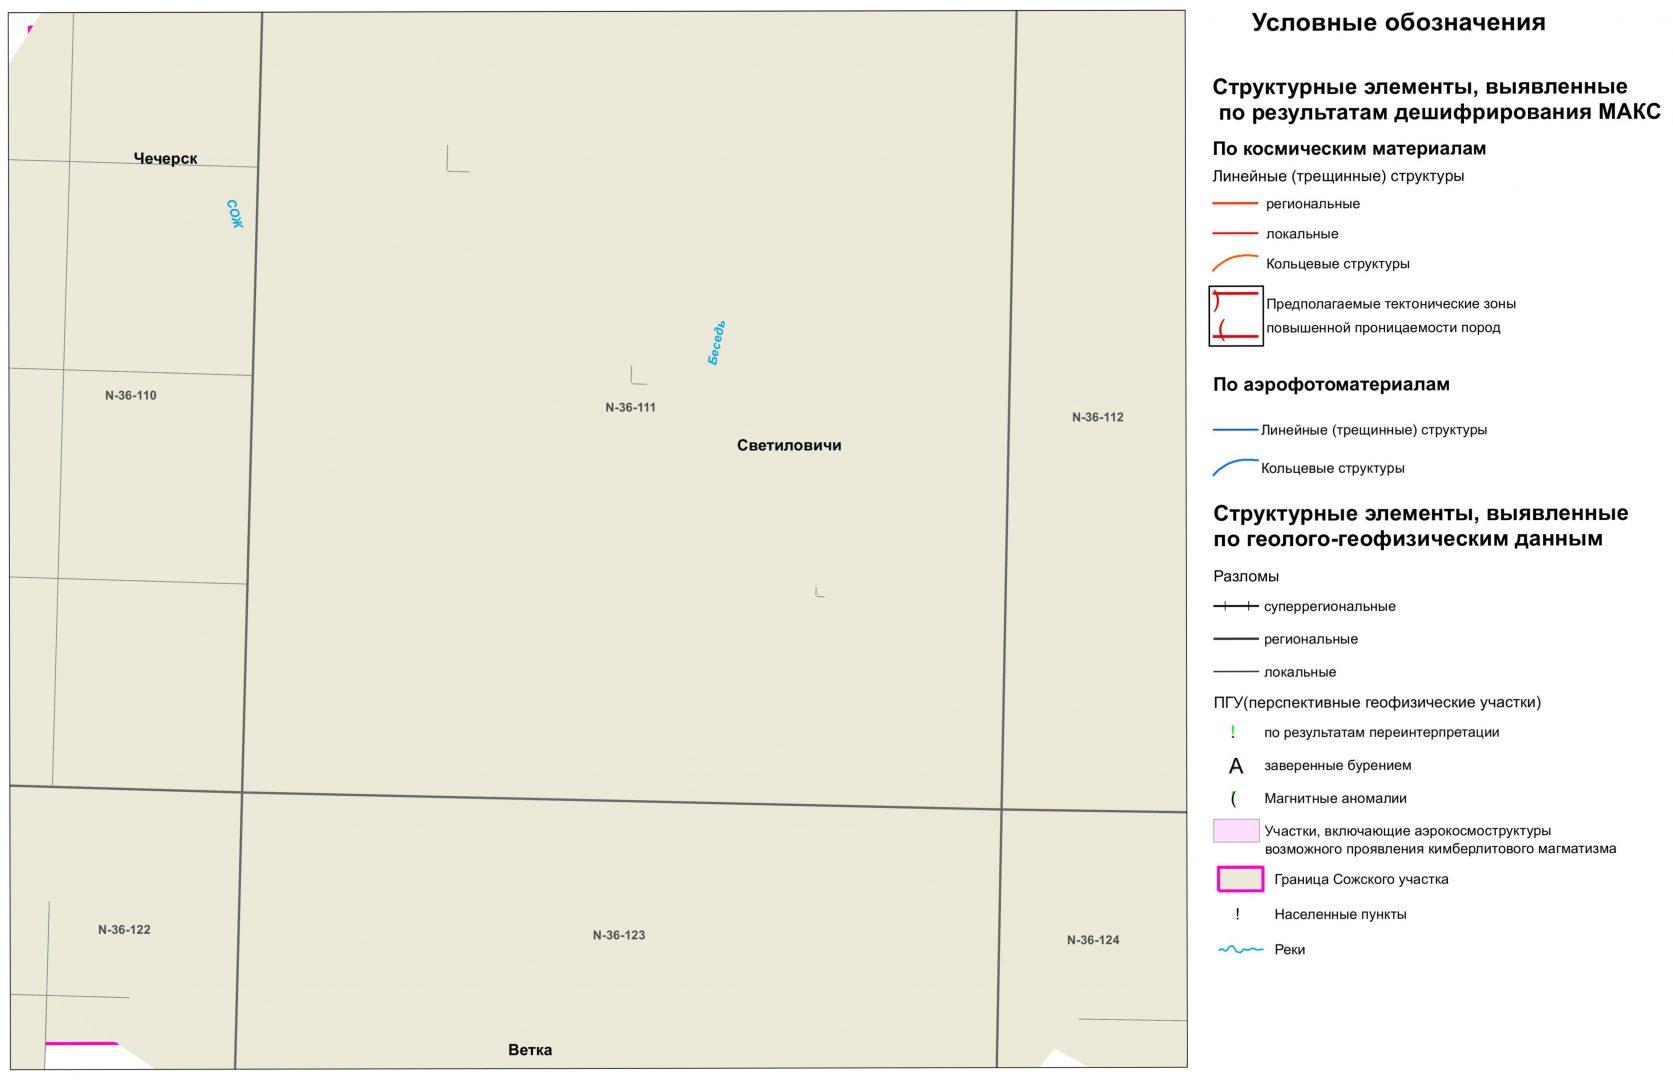 Схема расположения аэрокосмоструктур возможного проявления кимберлитового магмагизтма на Сожском участке